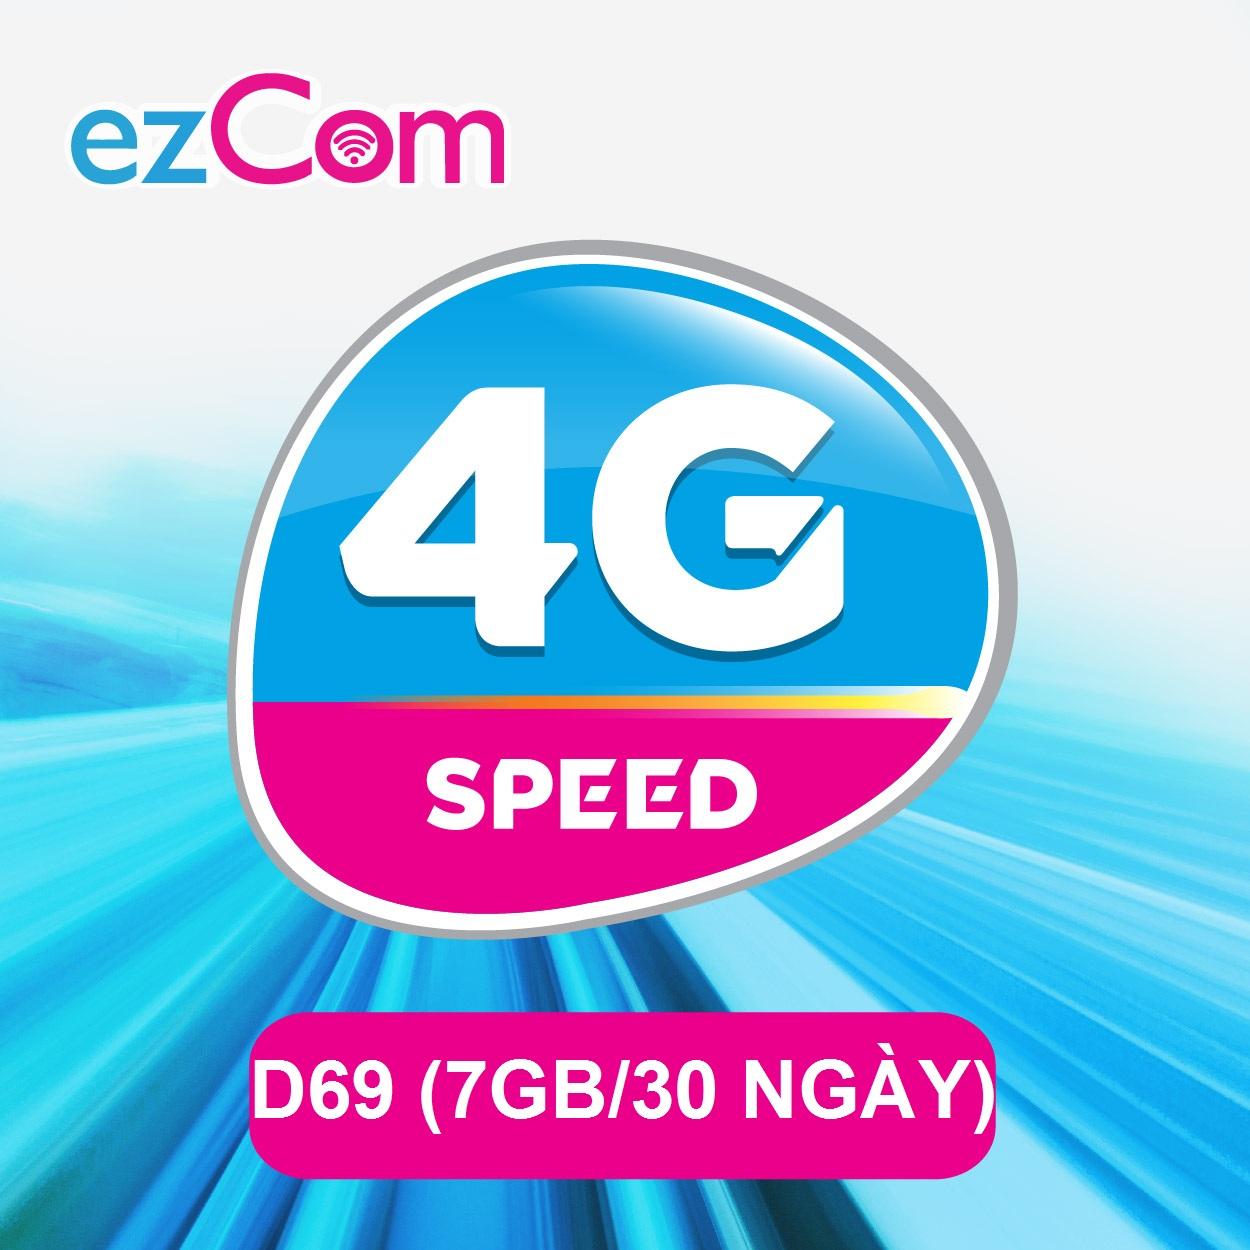 Đăng ký gói Ezcom D69 Vinaphone nhận ngay 7GB data